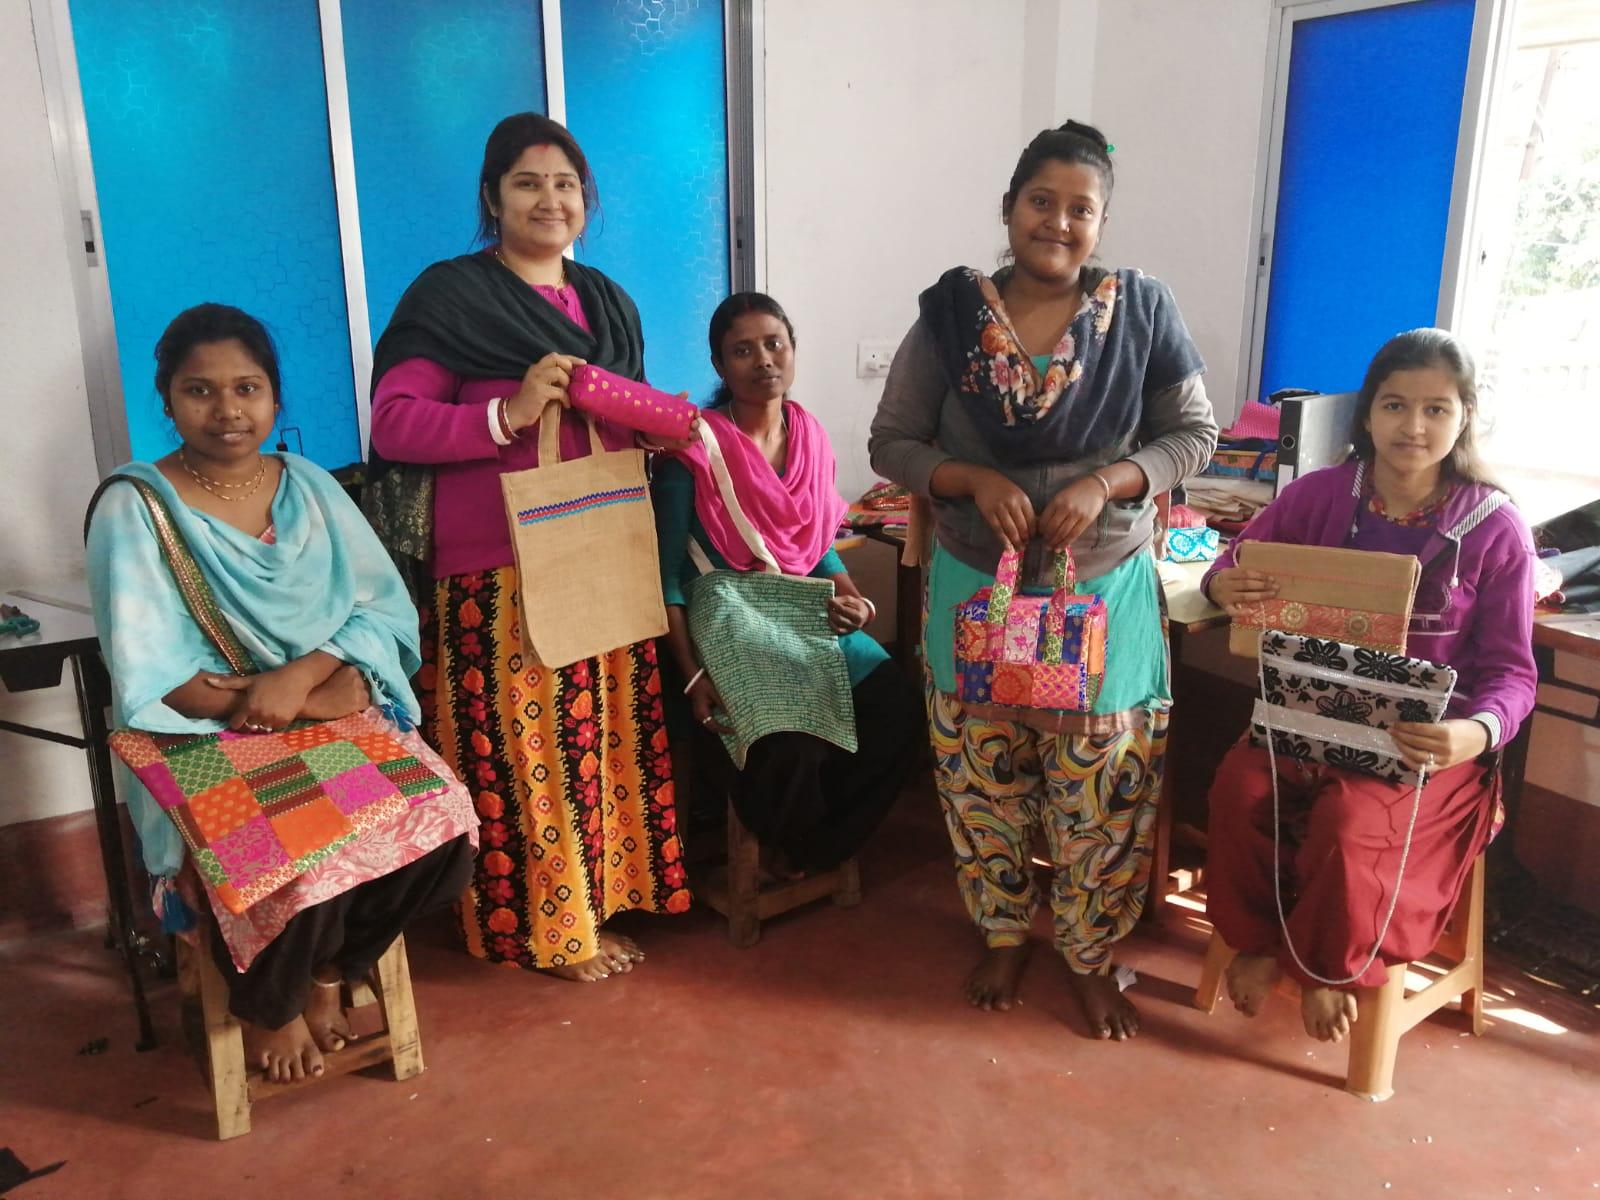 Projet femmes inde